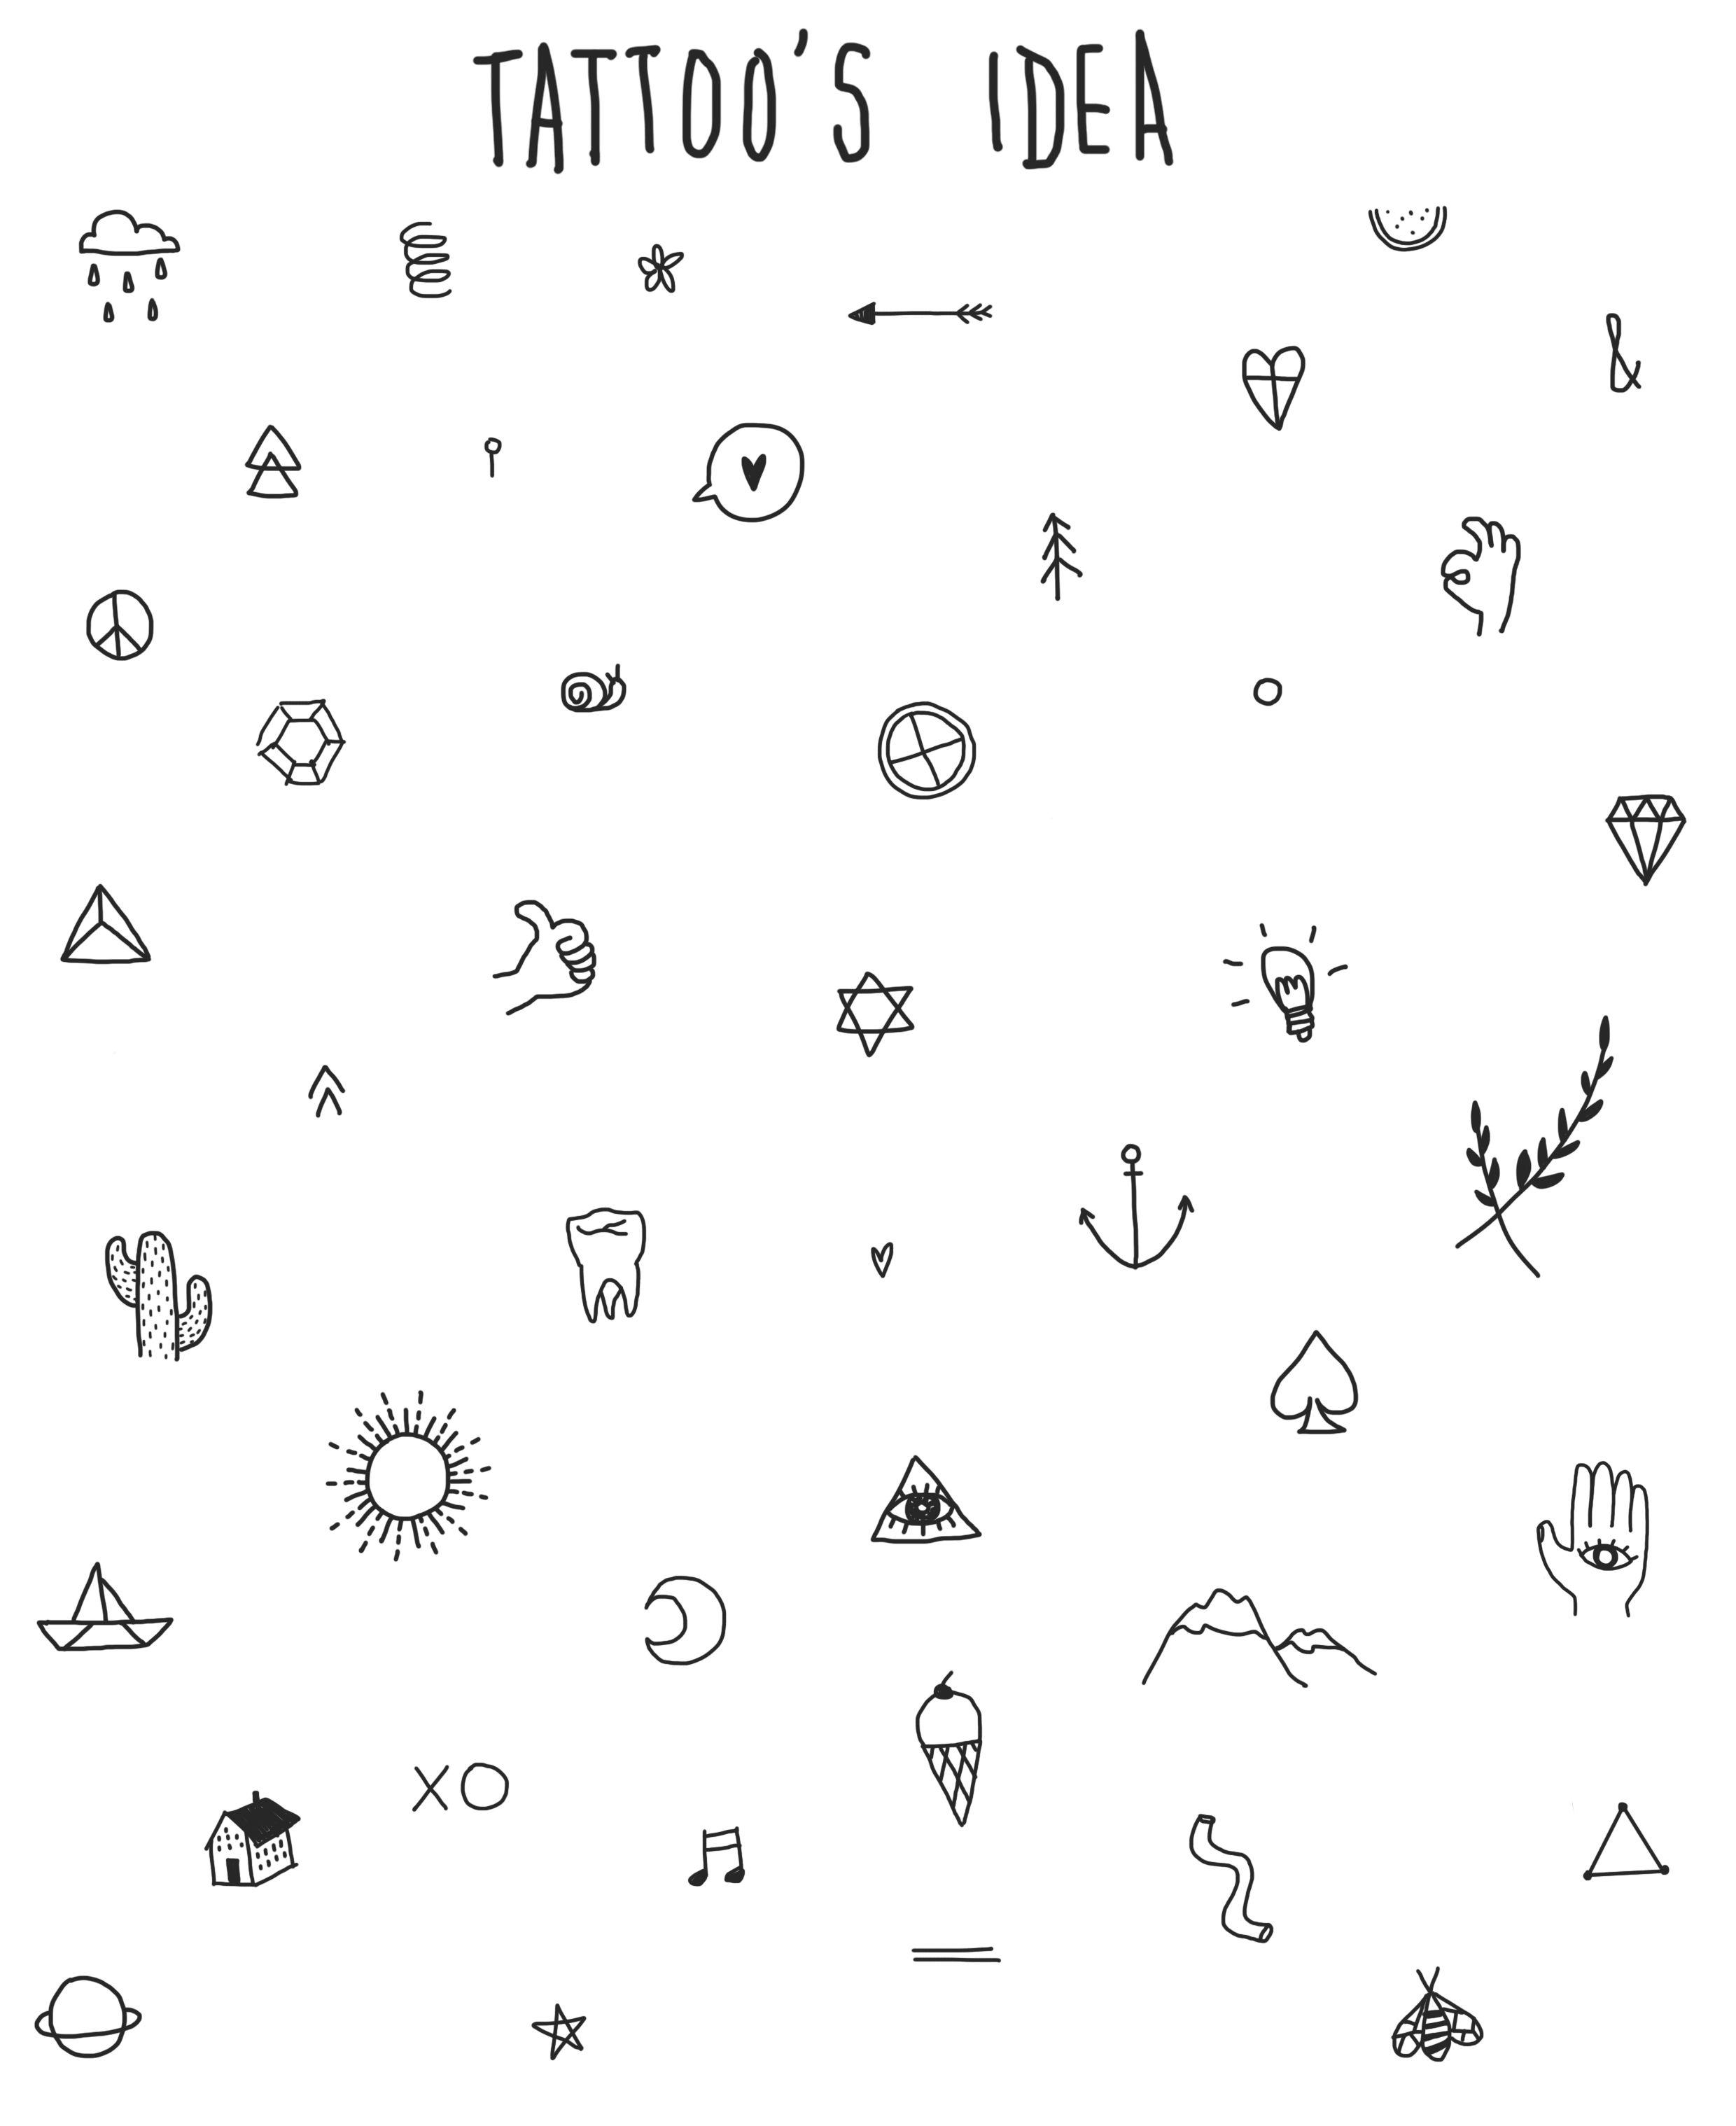 tattoo pattern tattooideas ideas little mini tiny icon ...